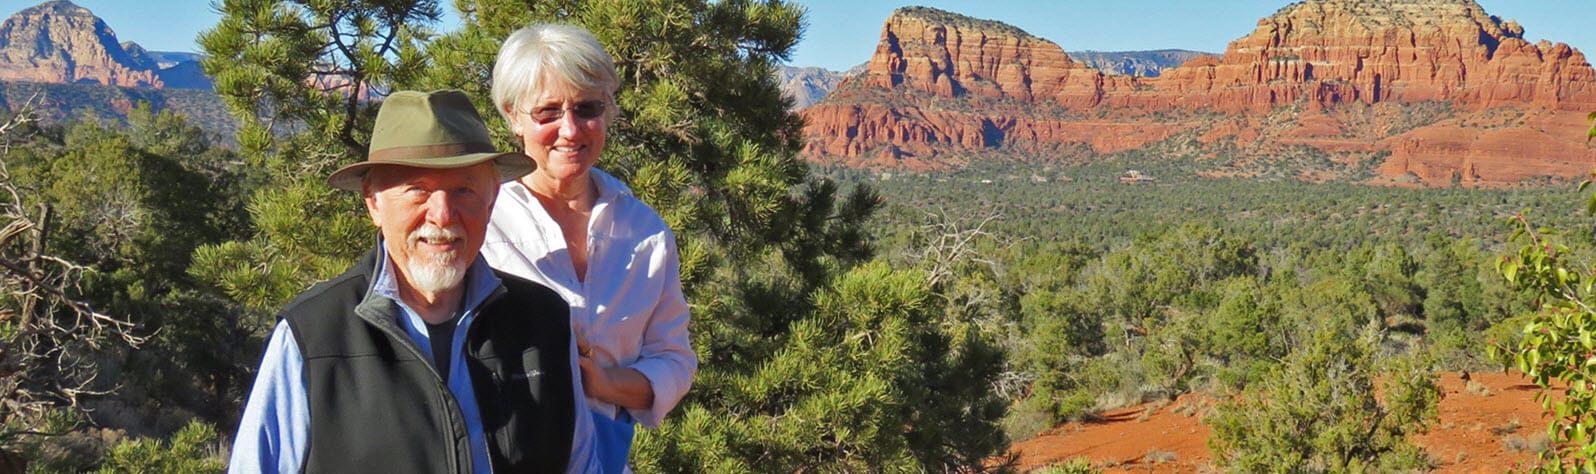 senior couple in desert